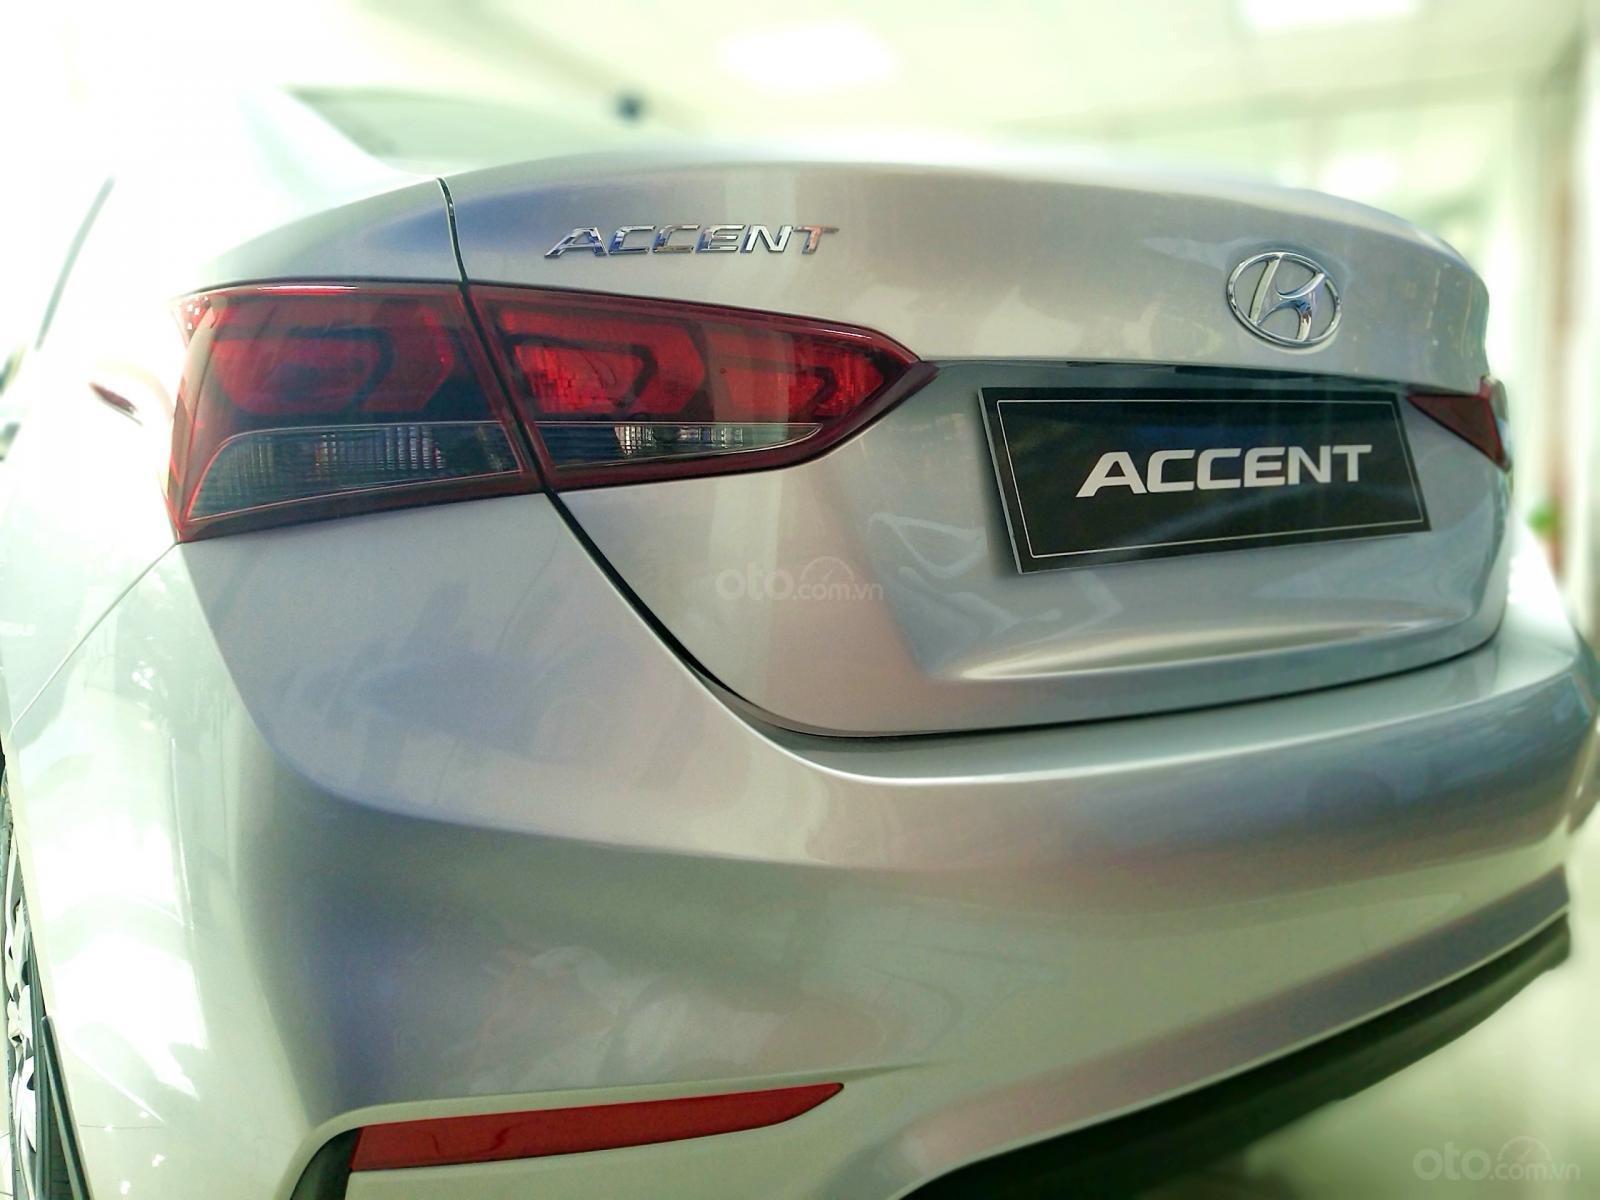 Hyundai Accent 2019, giá tốt bao giấy tờ đăng ký grab, hợp tác xã miễn phí, xe đủ màu giao ngay toàn quốc (4)